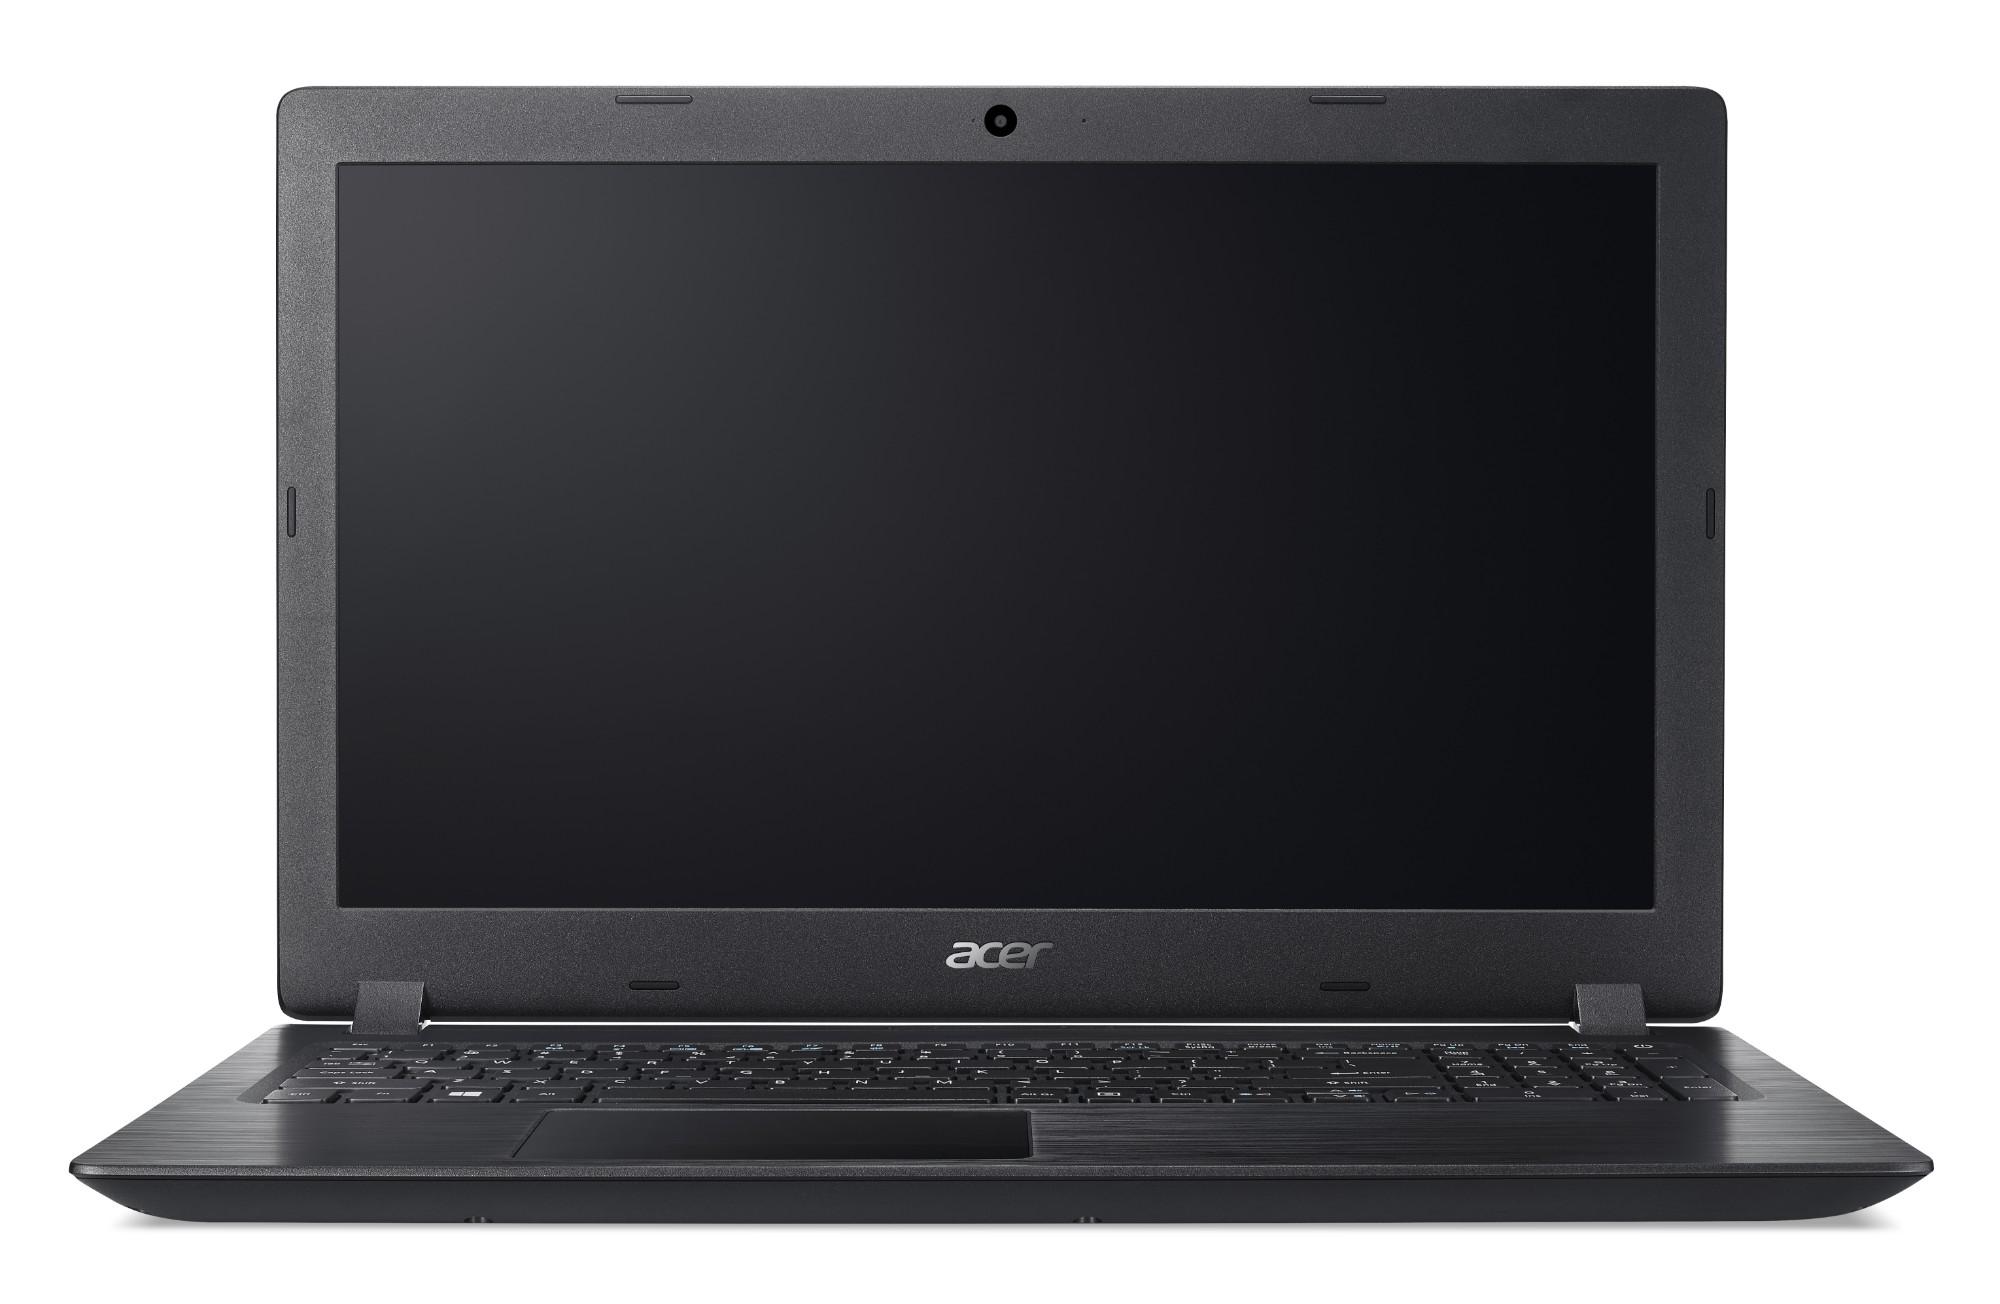 """Acer Aspire A315-51-39GU 2GHz i3-6006U 15.6"""" 1366 x 768pixels Black Notebook"""